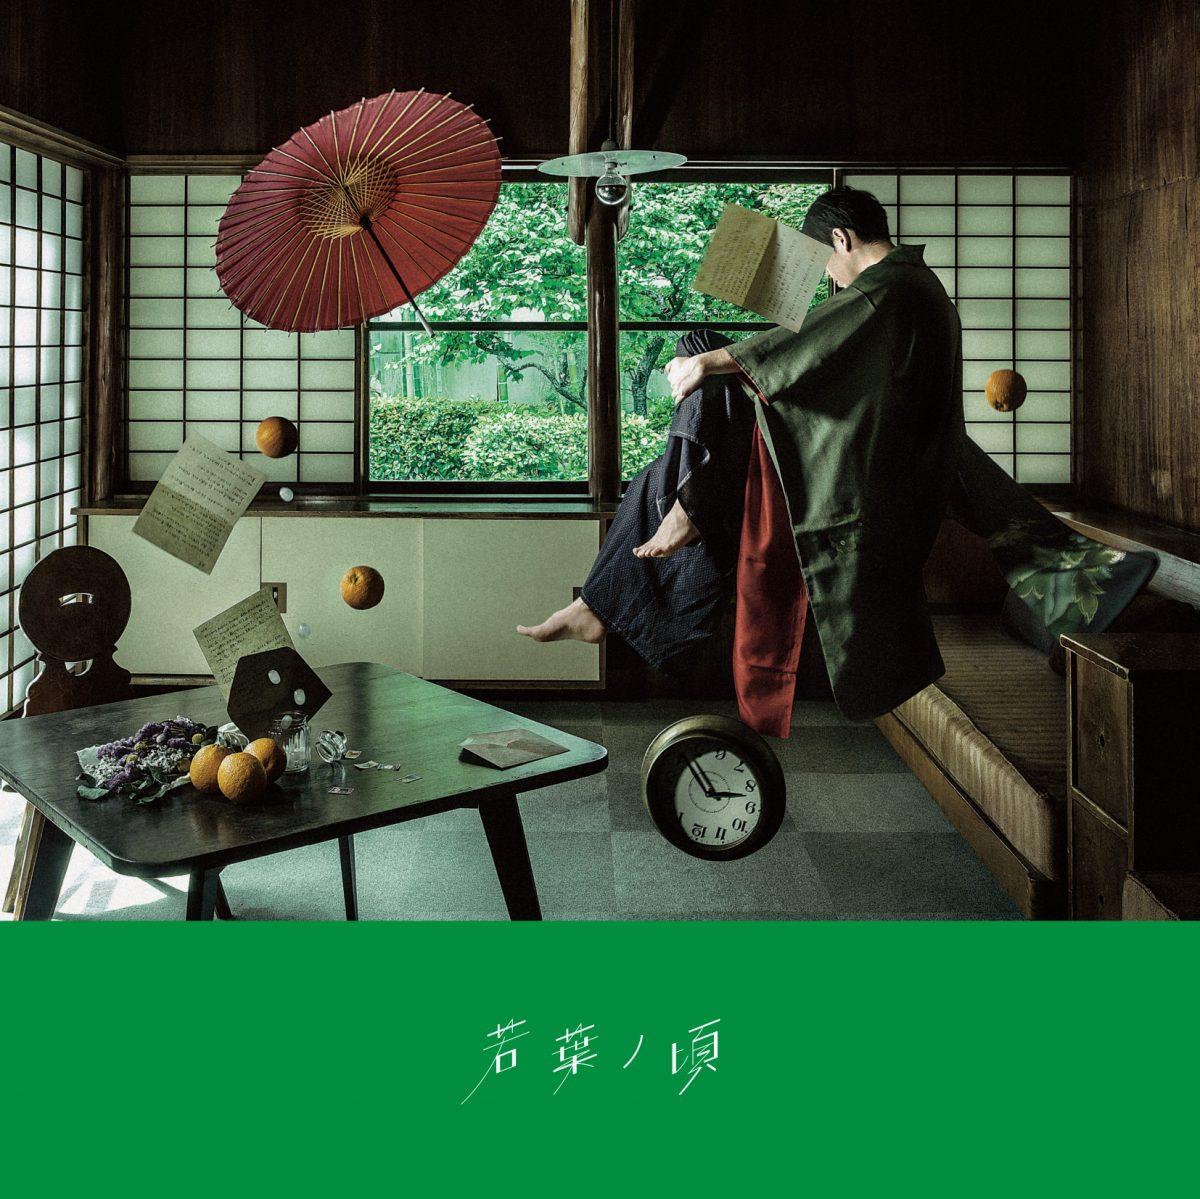 8月22日(水)発売、Major 4th Full Album 「若葉ノ頃」ジャケット写真、店頭購入者特典デザイン解禁